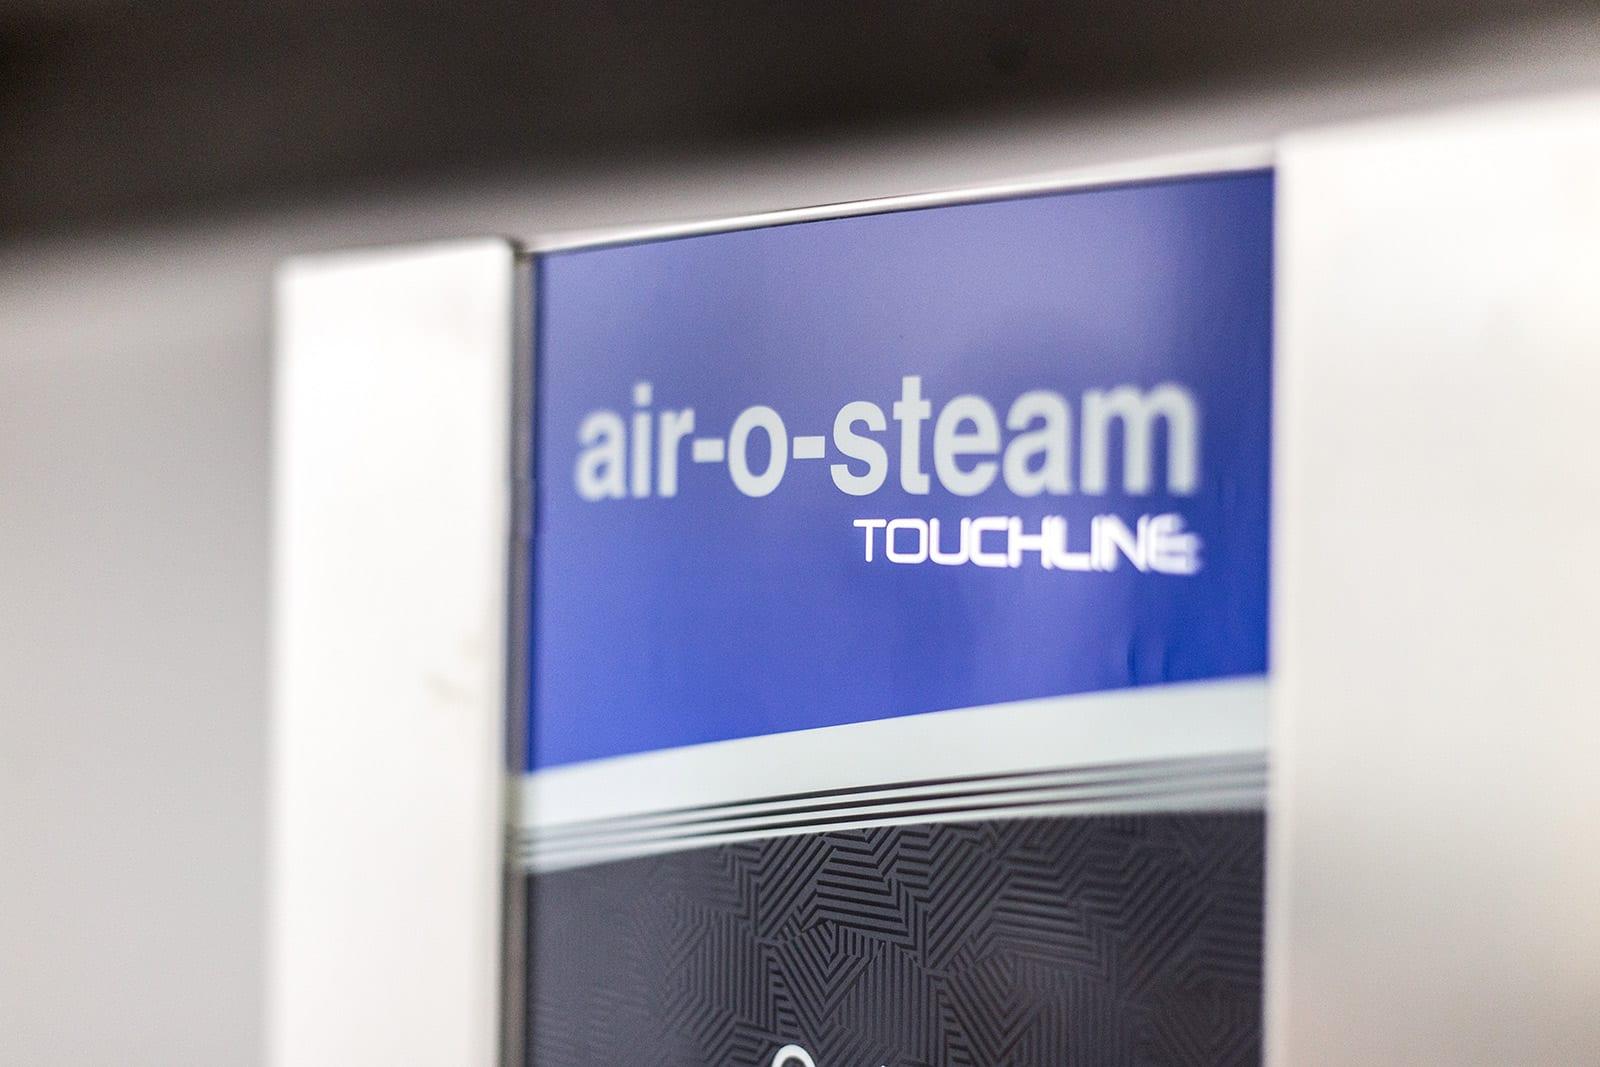 air-o-steam